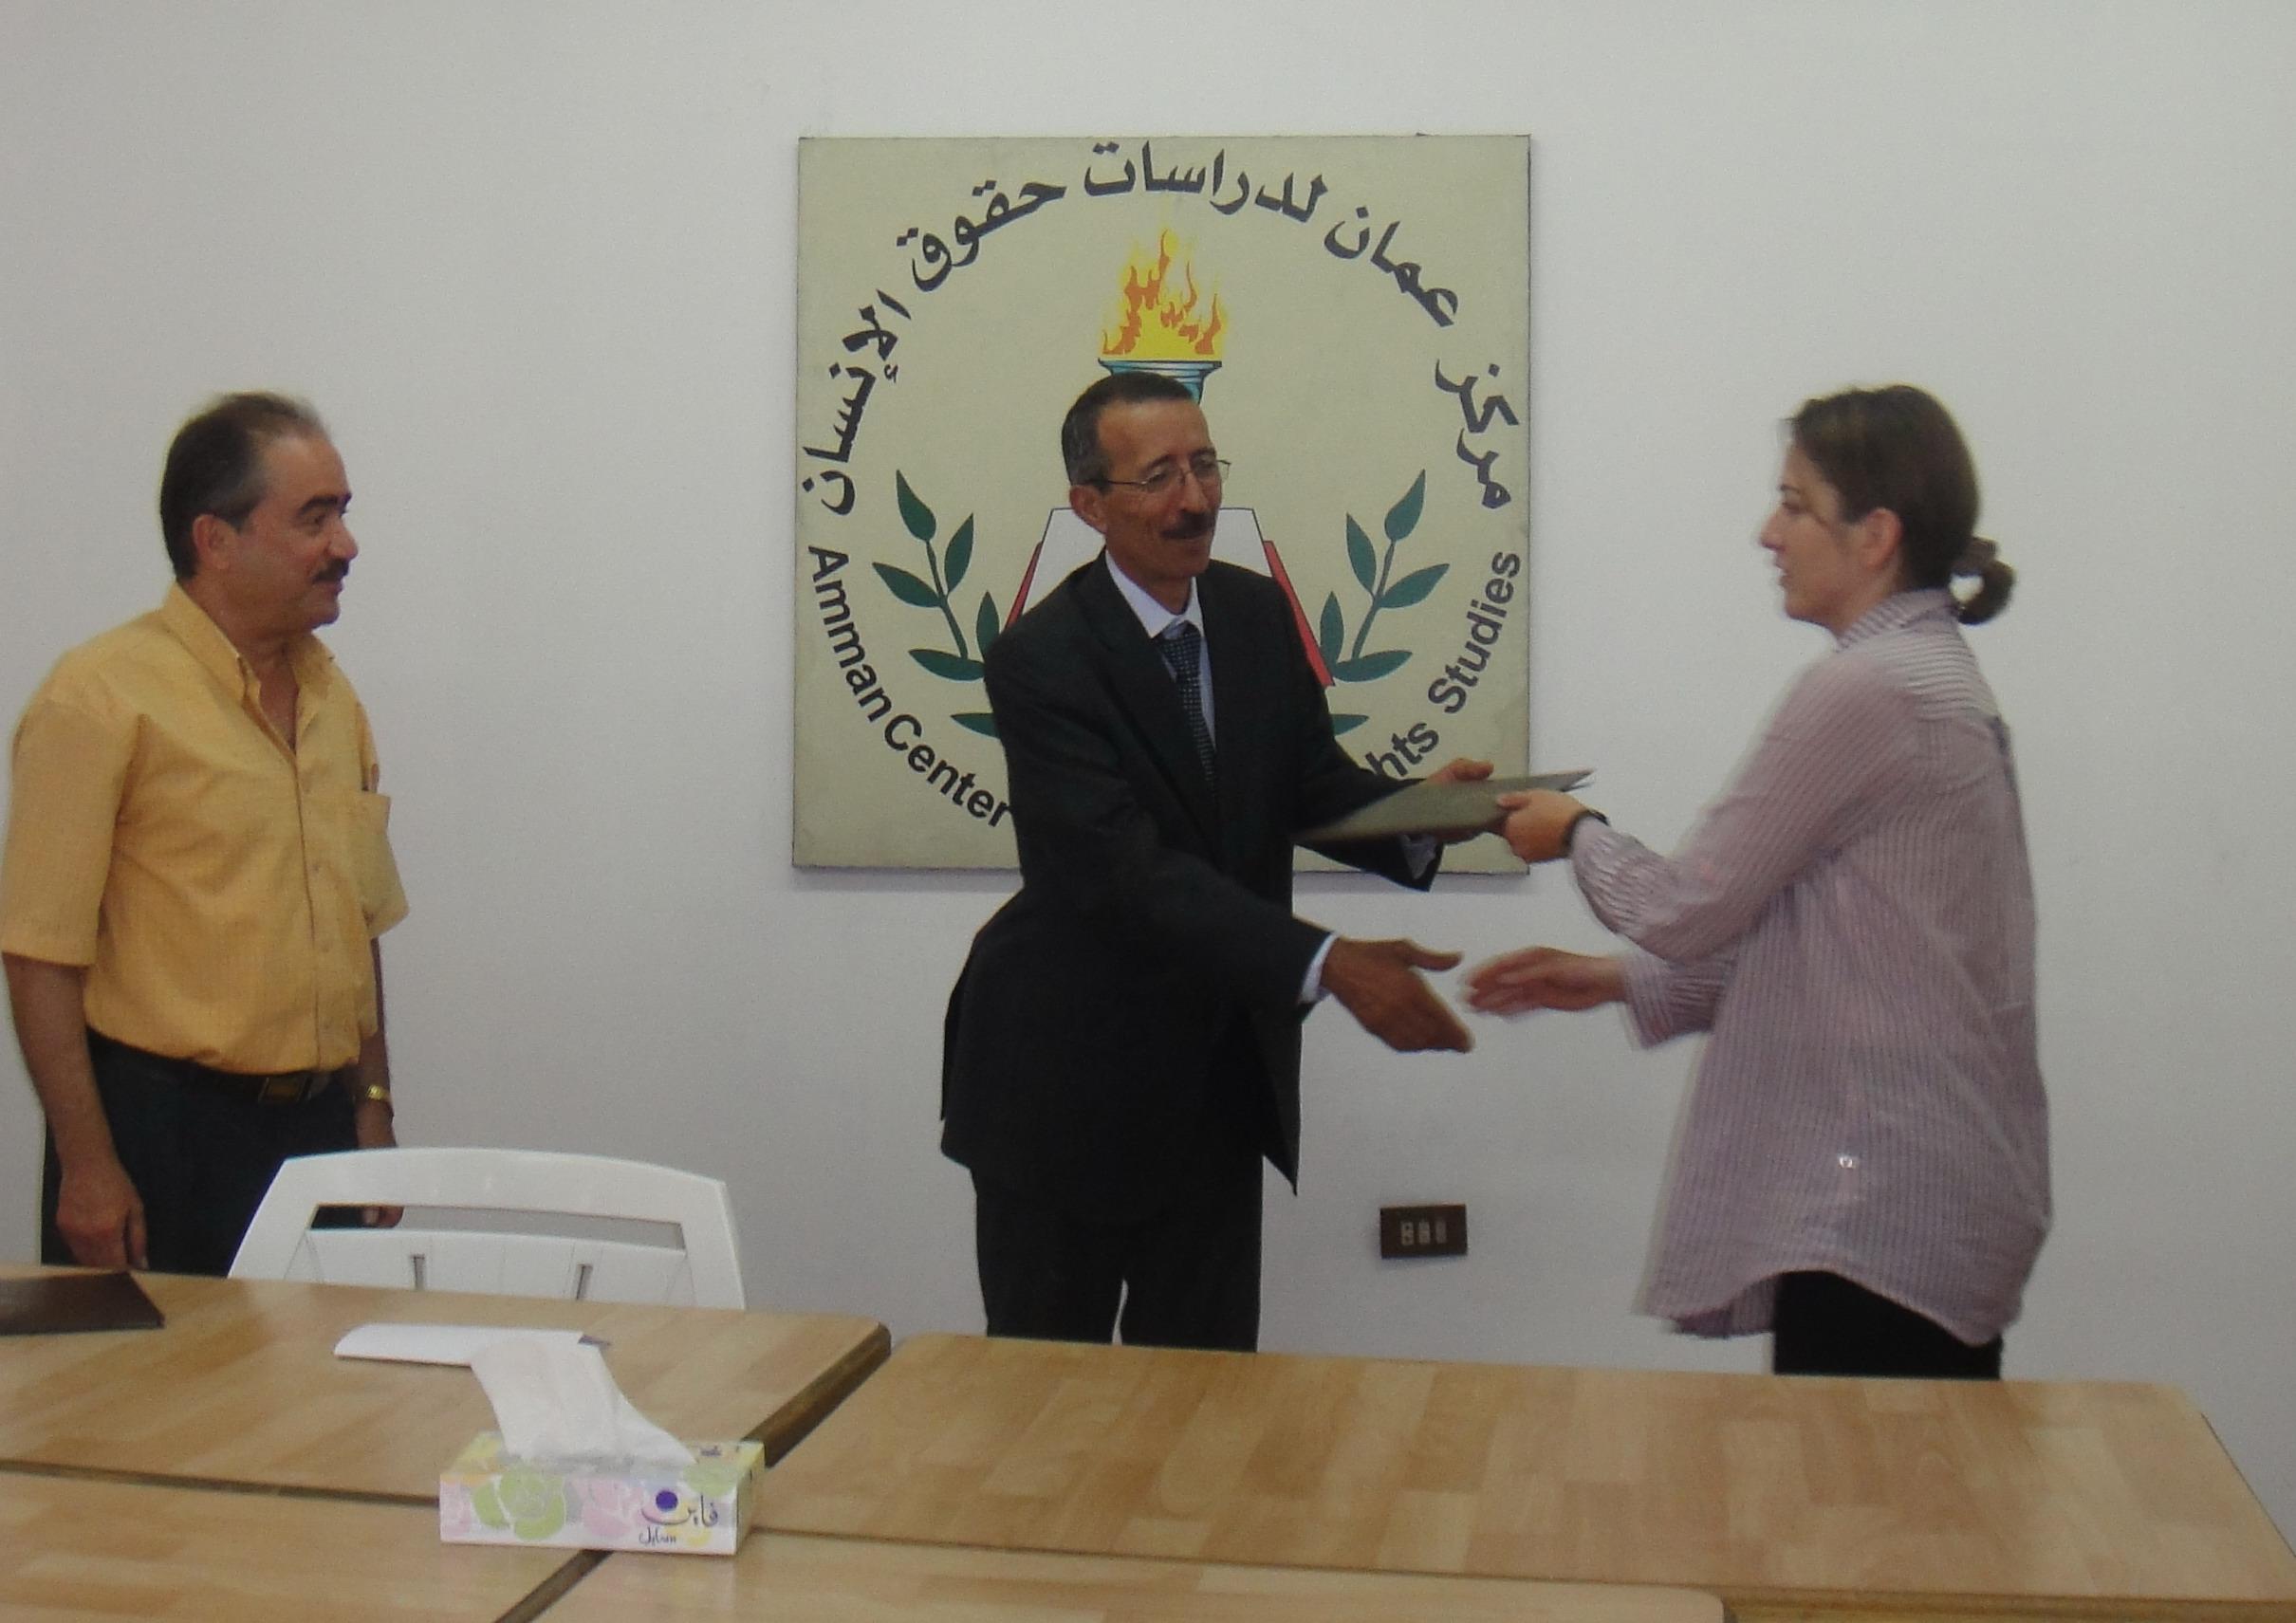 صورة تخريج الدفعة الأولى من برنامج  المعهد الأردني لإعداد القيادات النسائية لعام 2010- 2011